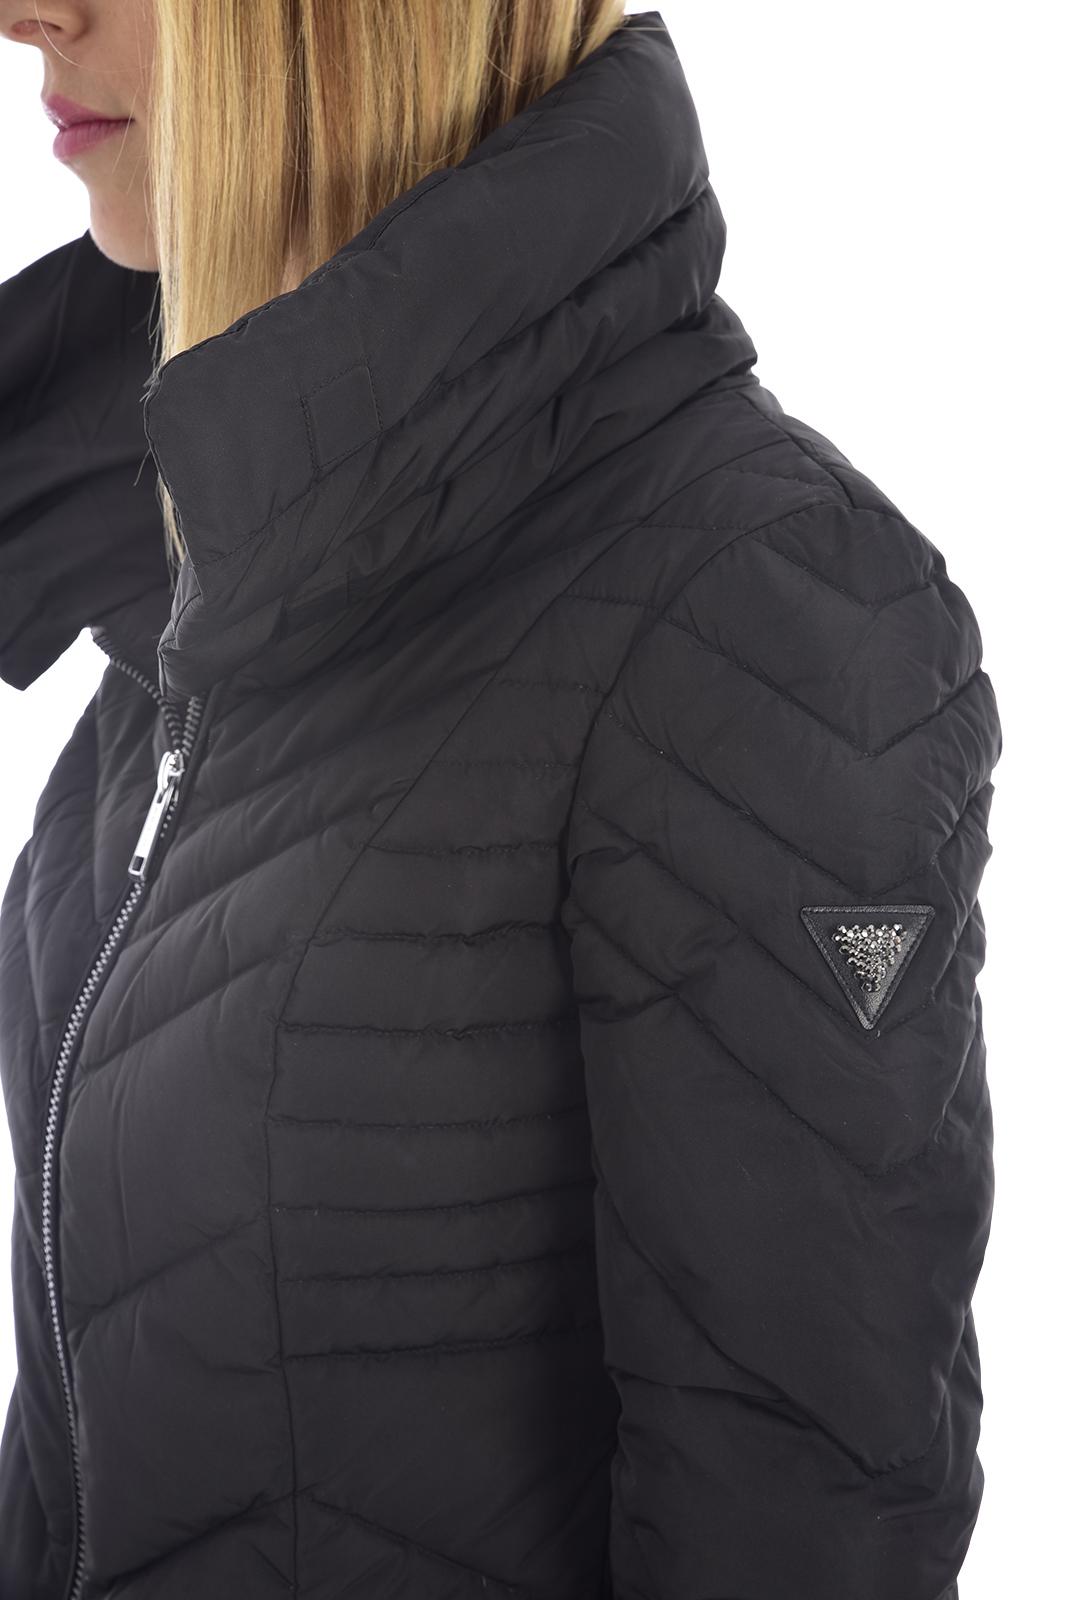 Veste / Parka  Guess jeans W94L82 W94G0 Jet Black A996